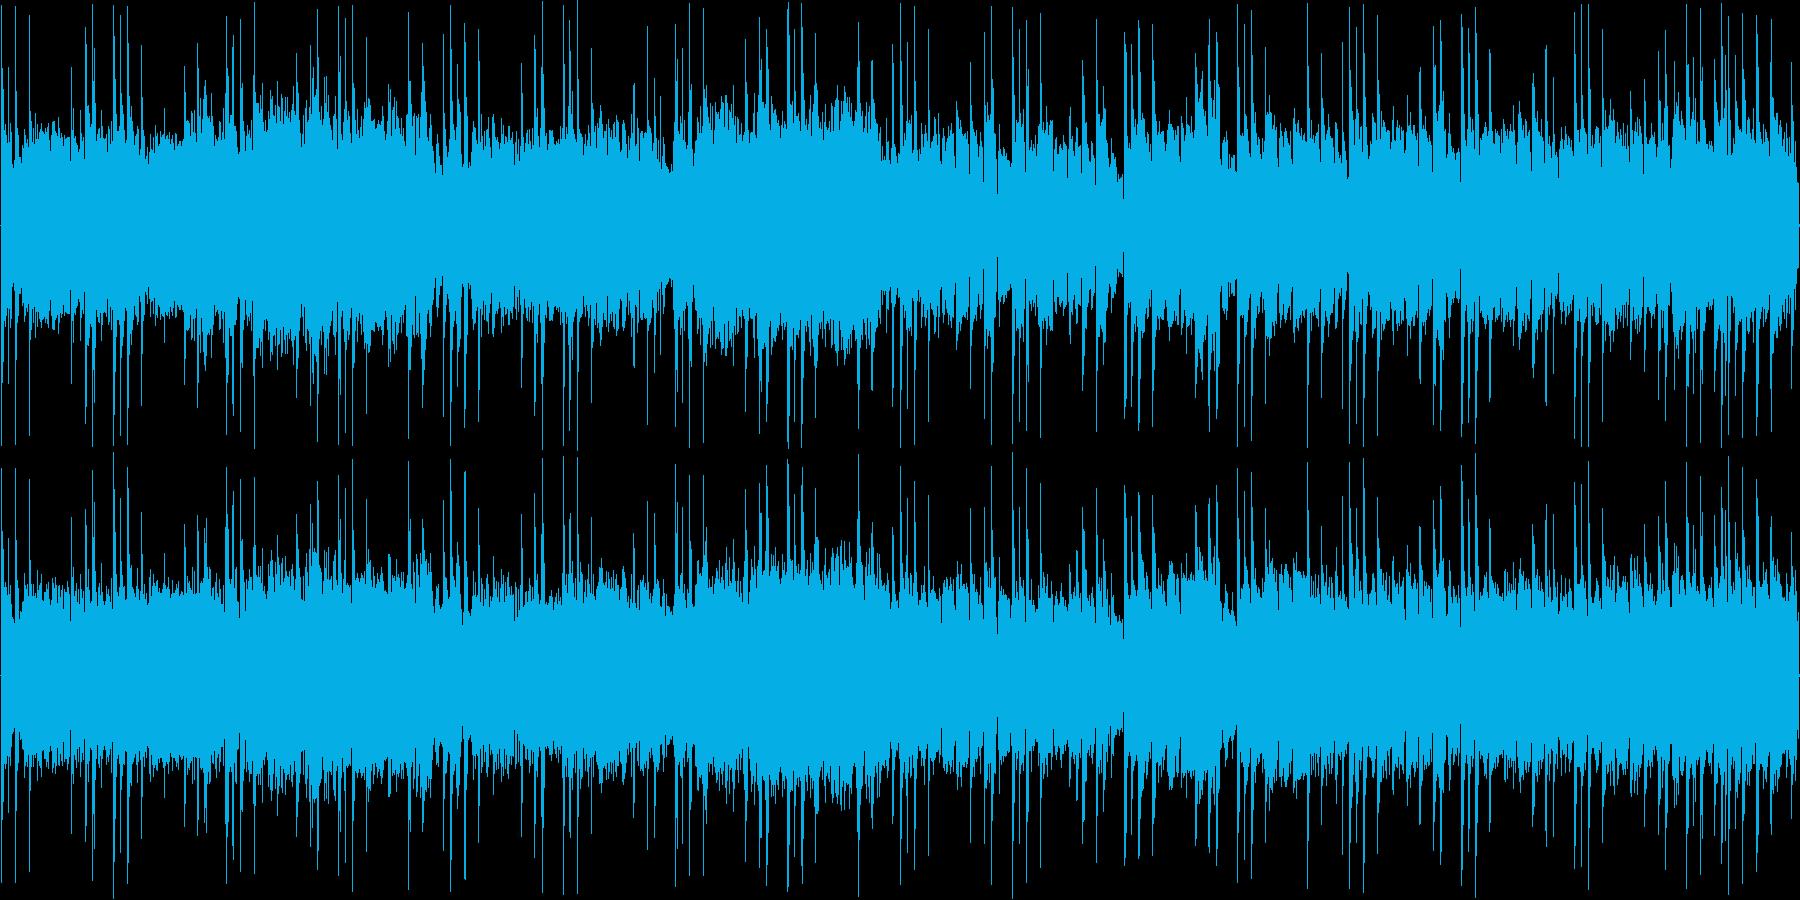 ファンタジー系のRPGなどの編成画面な…の再生済みの波形